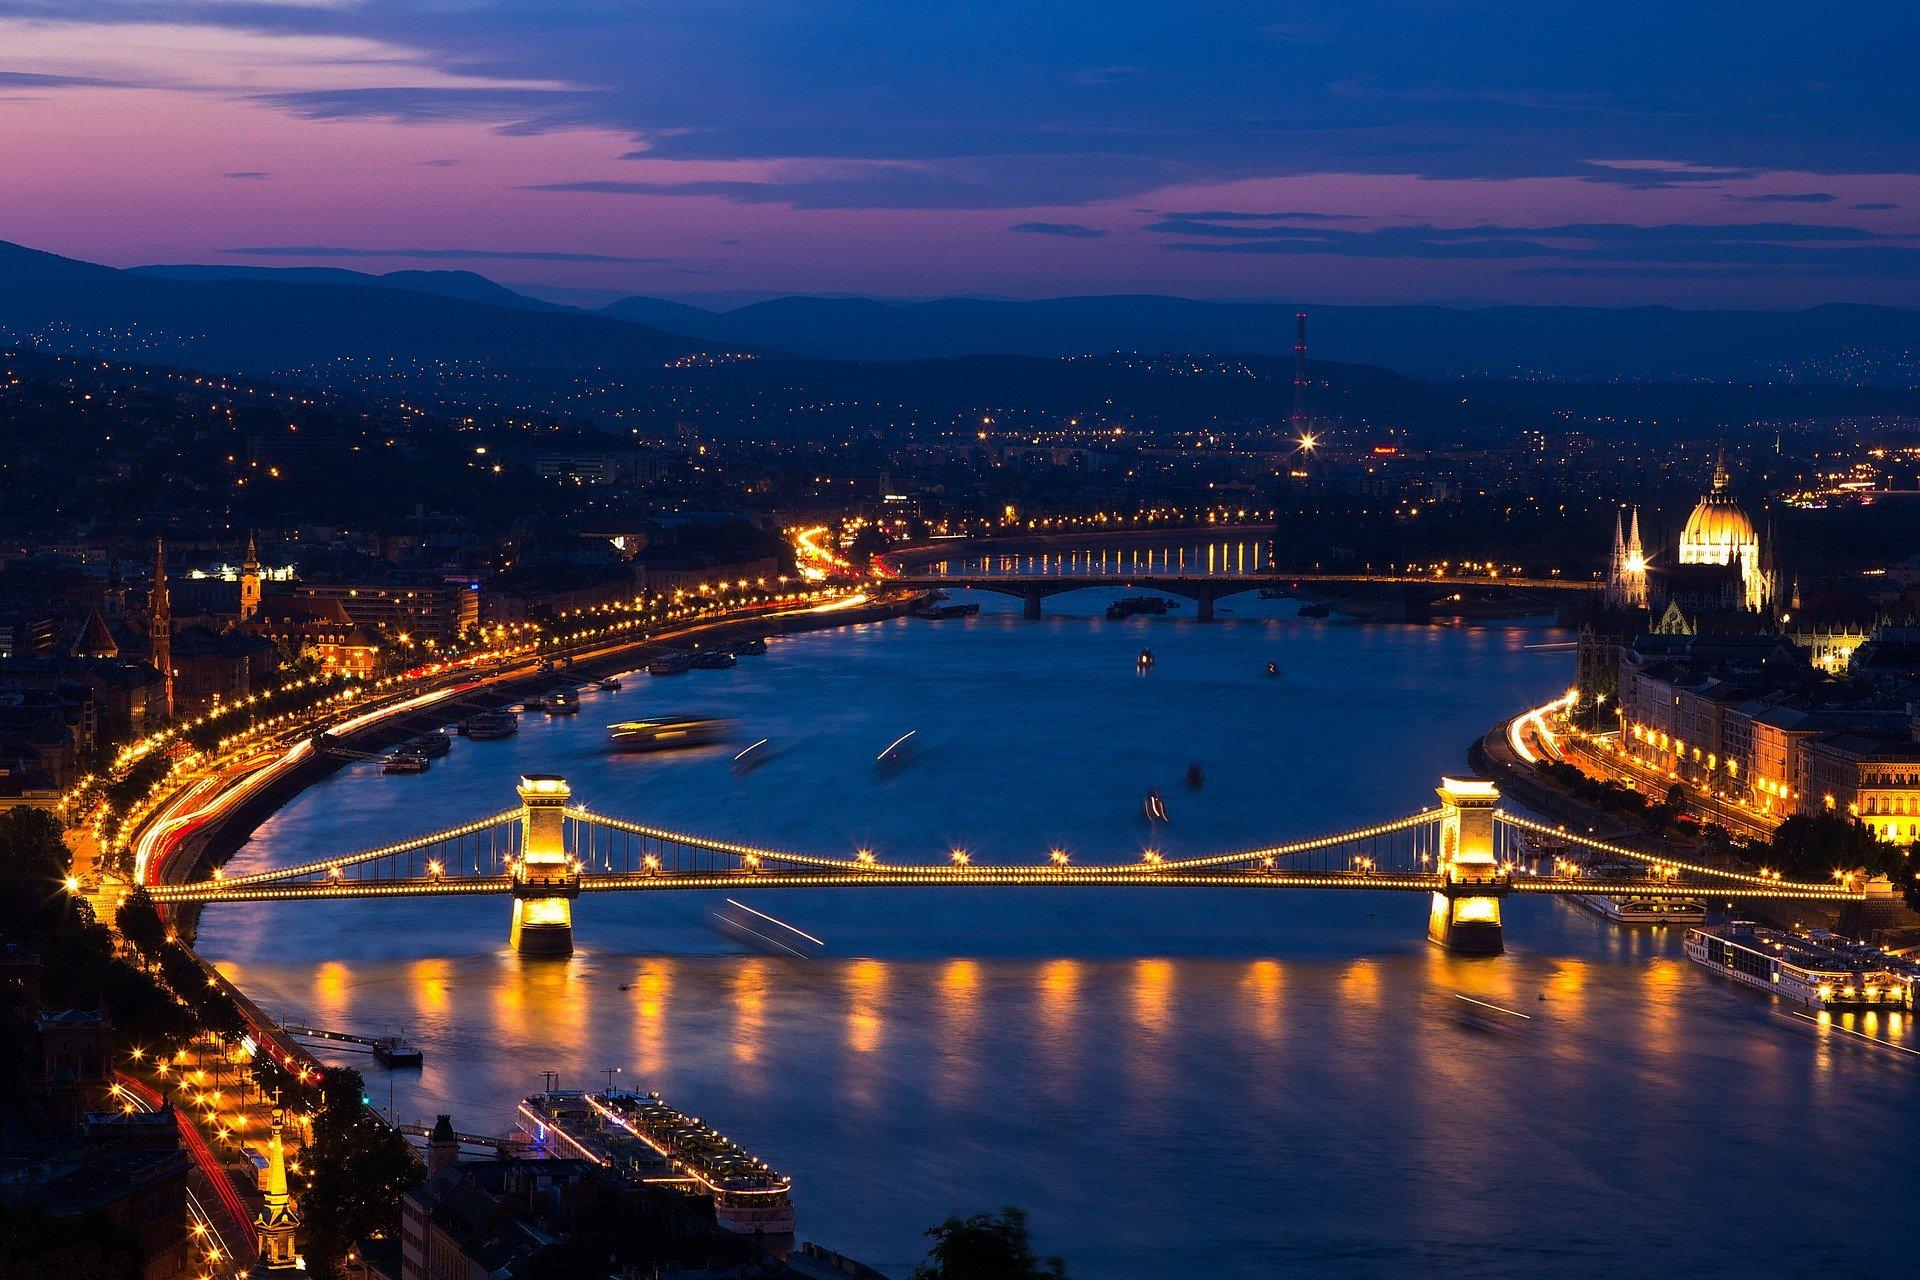 Aquincum, Buda y Pest: Budapest, la ciudad más hermosa del Danubio